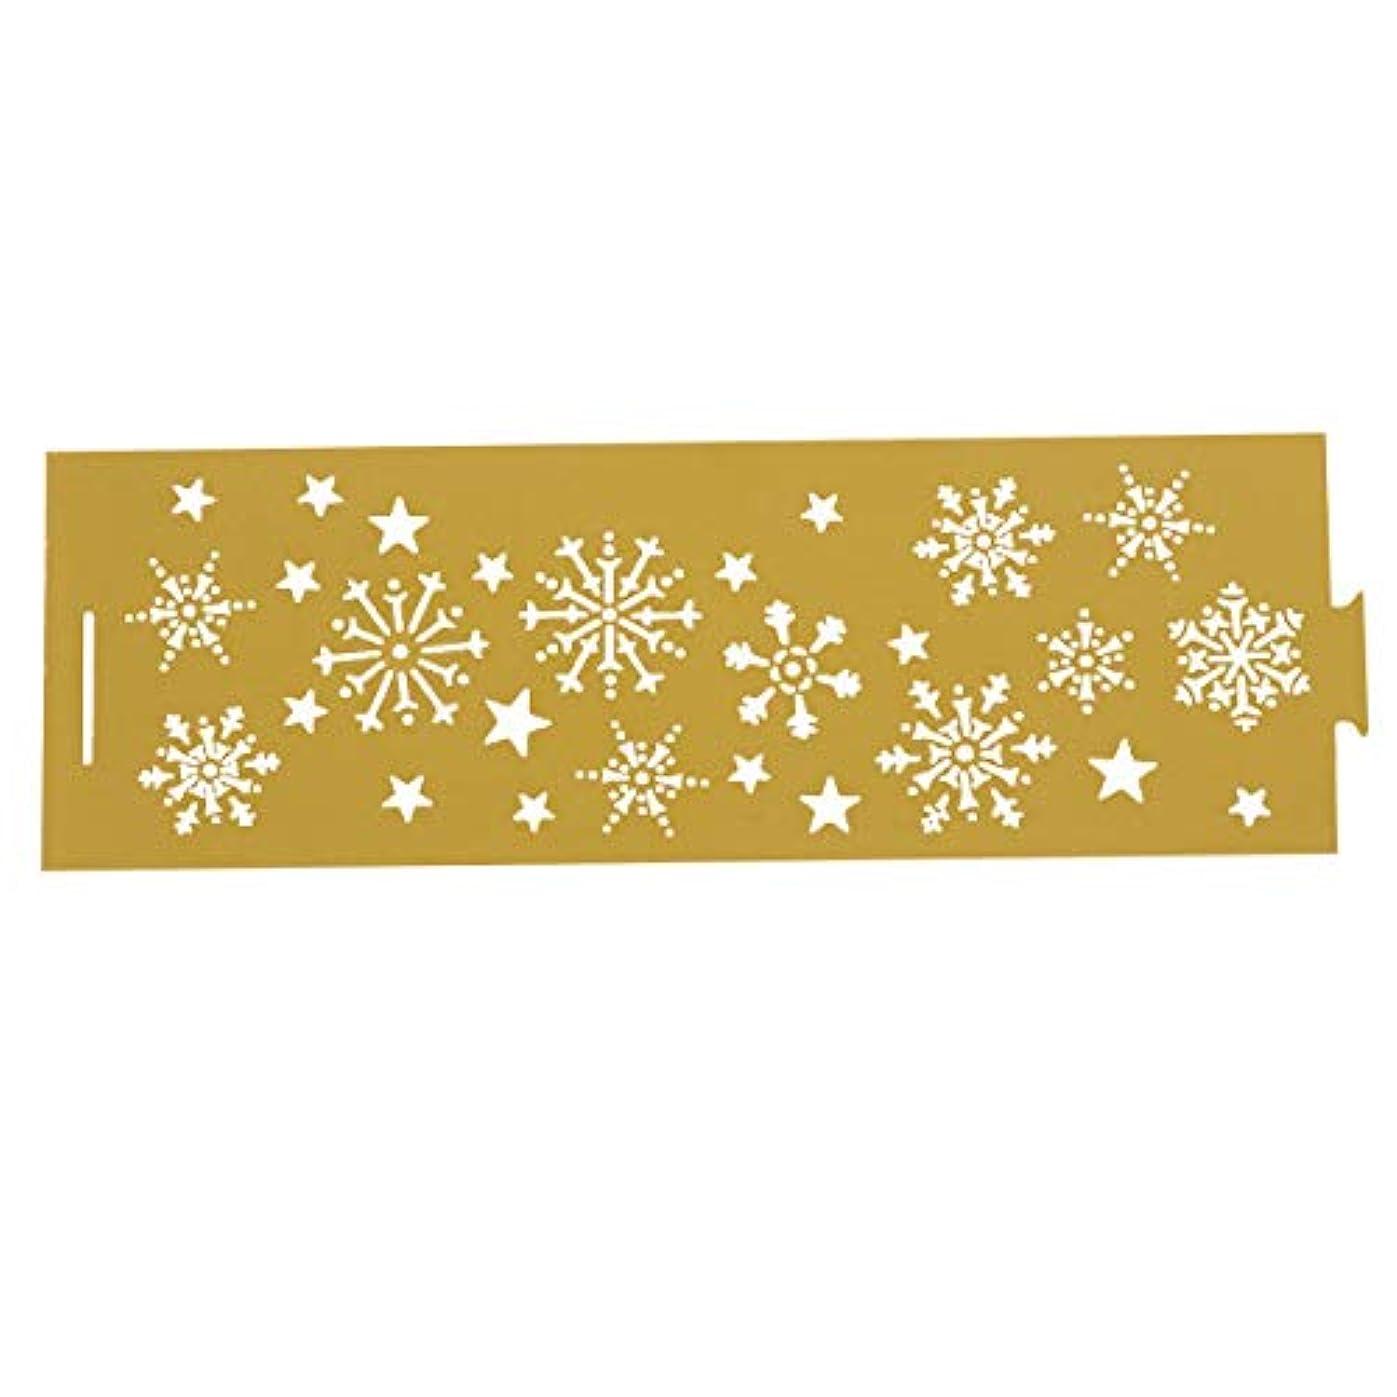 閲覧する死んでいる裂け目BESTONZON 50ピースled電子キャンドルラッパーライト中空キャンドルシェードカバーペーパーラッパーペーパーキャンドル装飾(ゴールデン)